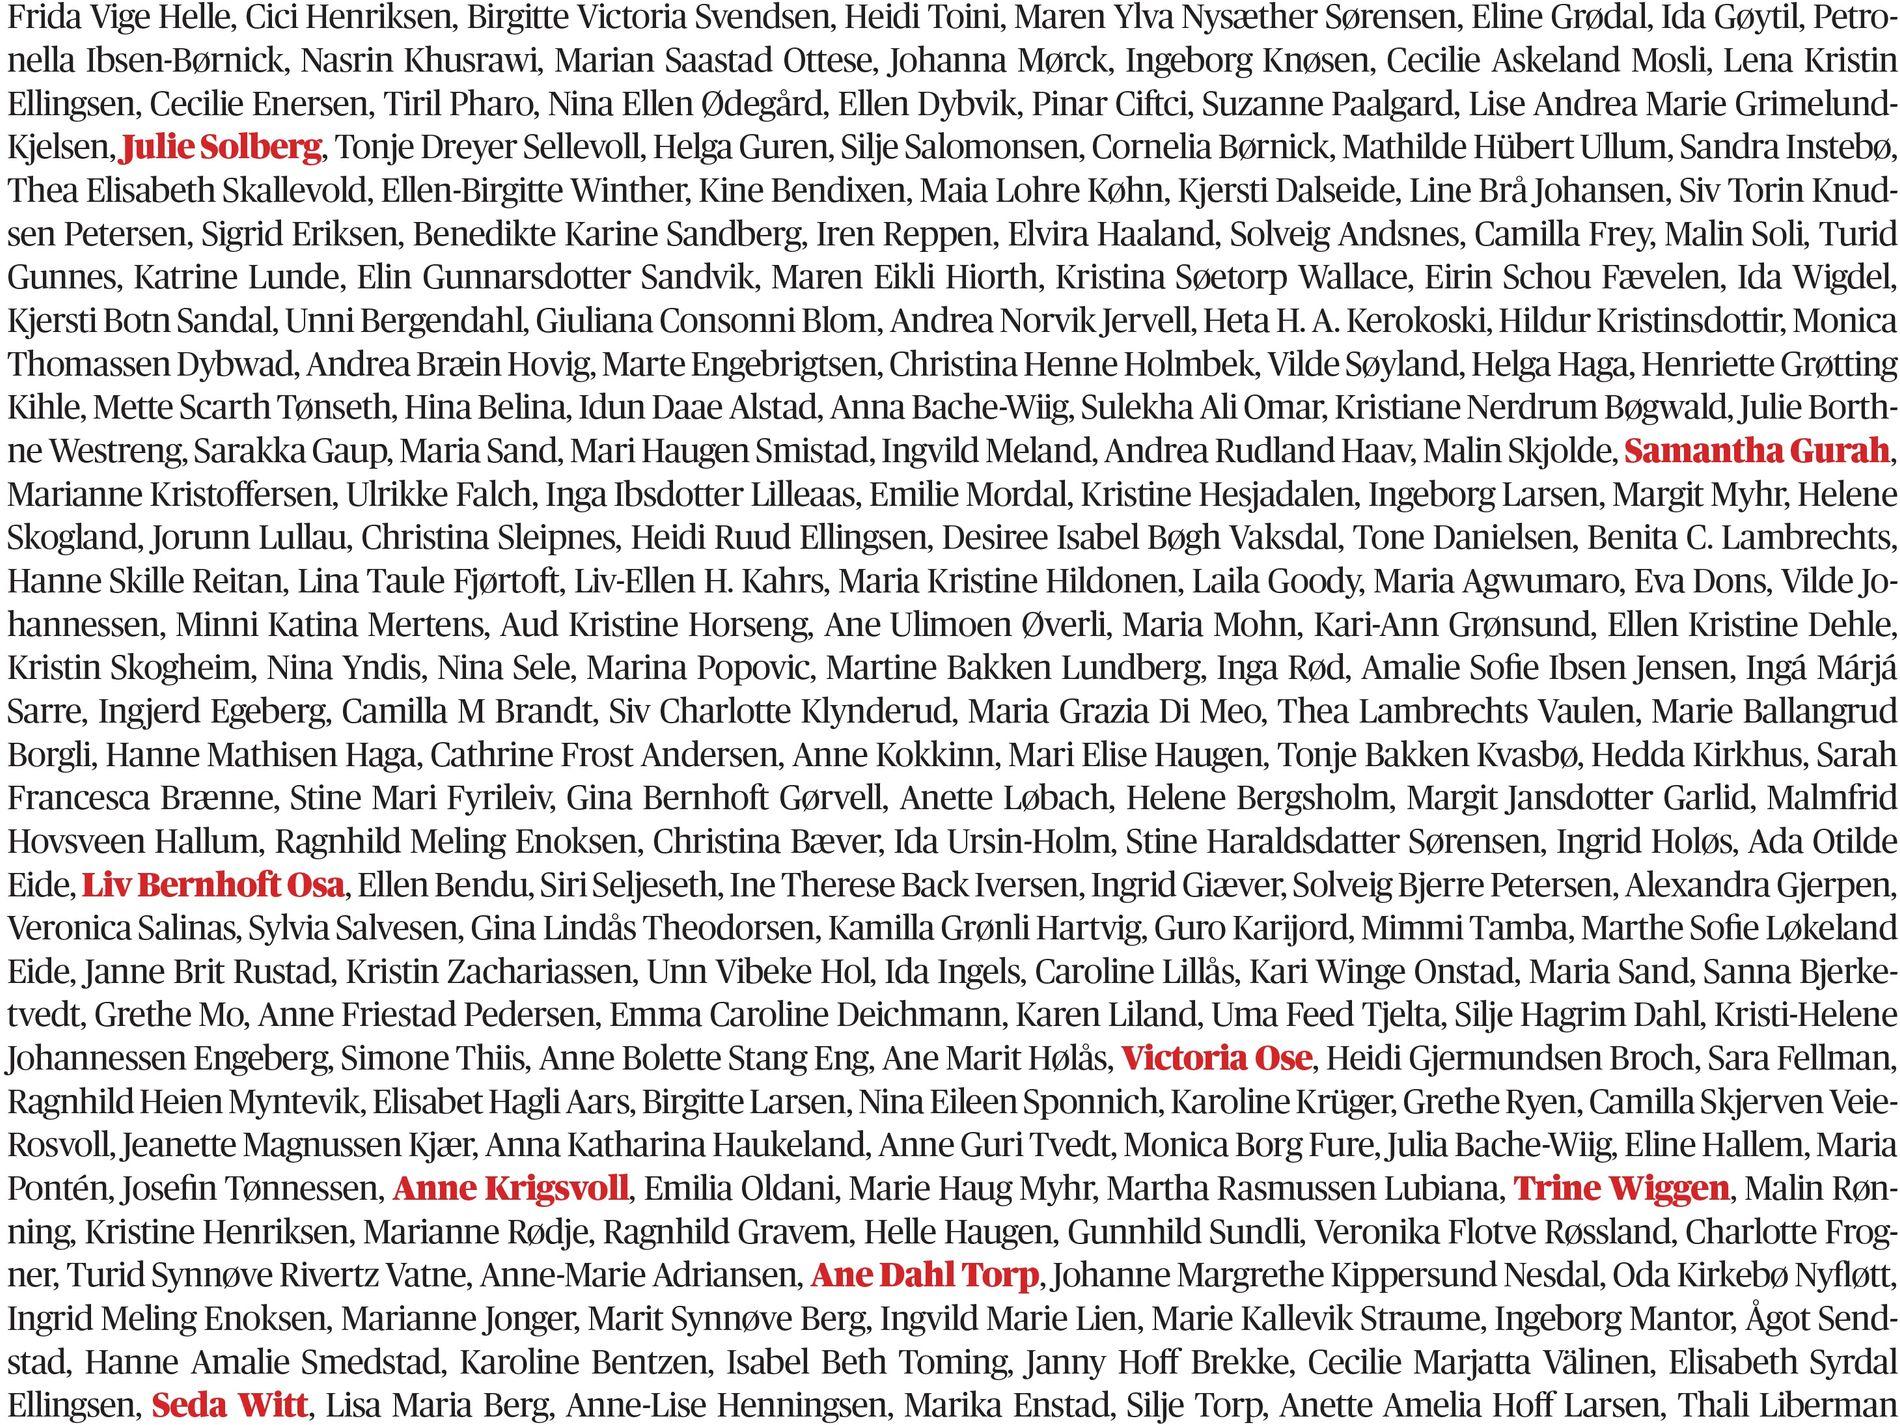 487 norske skuespillere har undertegnet oppropet.